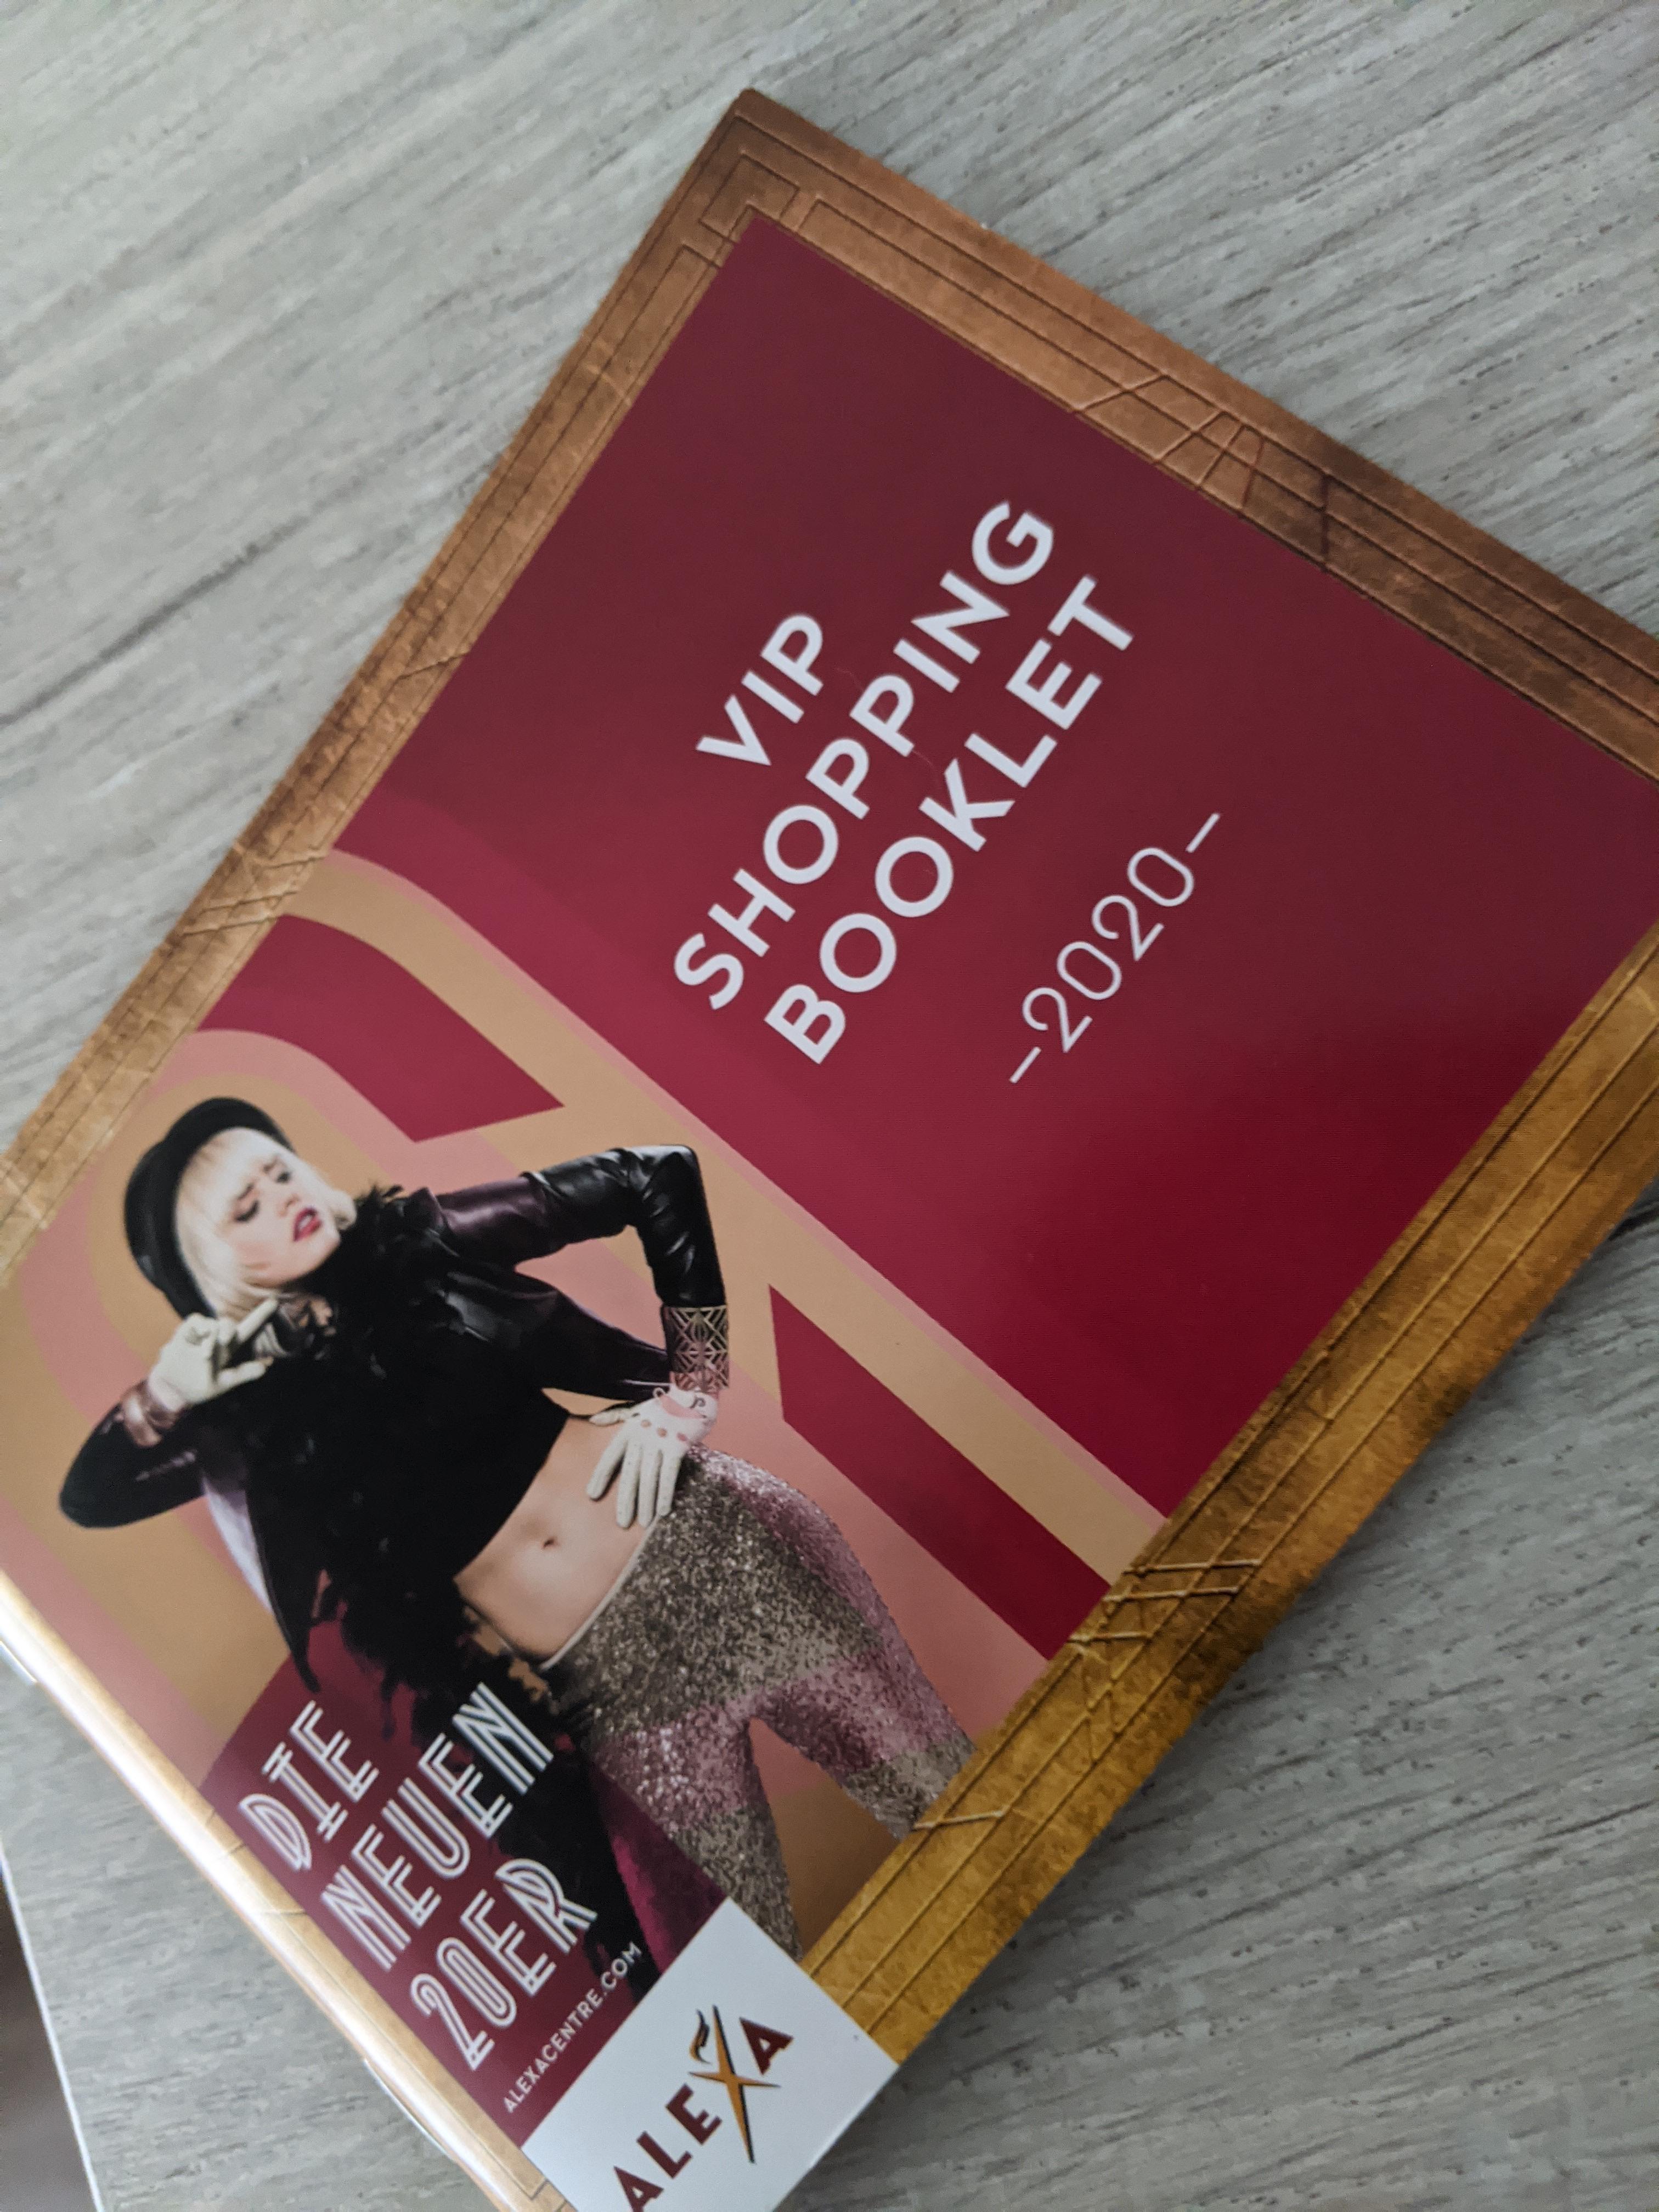 VIP Shopping Bookling - Berlin Mall Alexa - bis zu 25% Rabatt in allen Stores